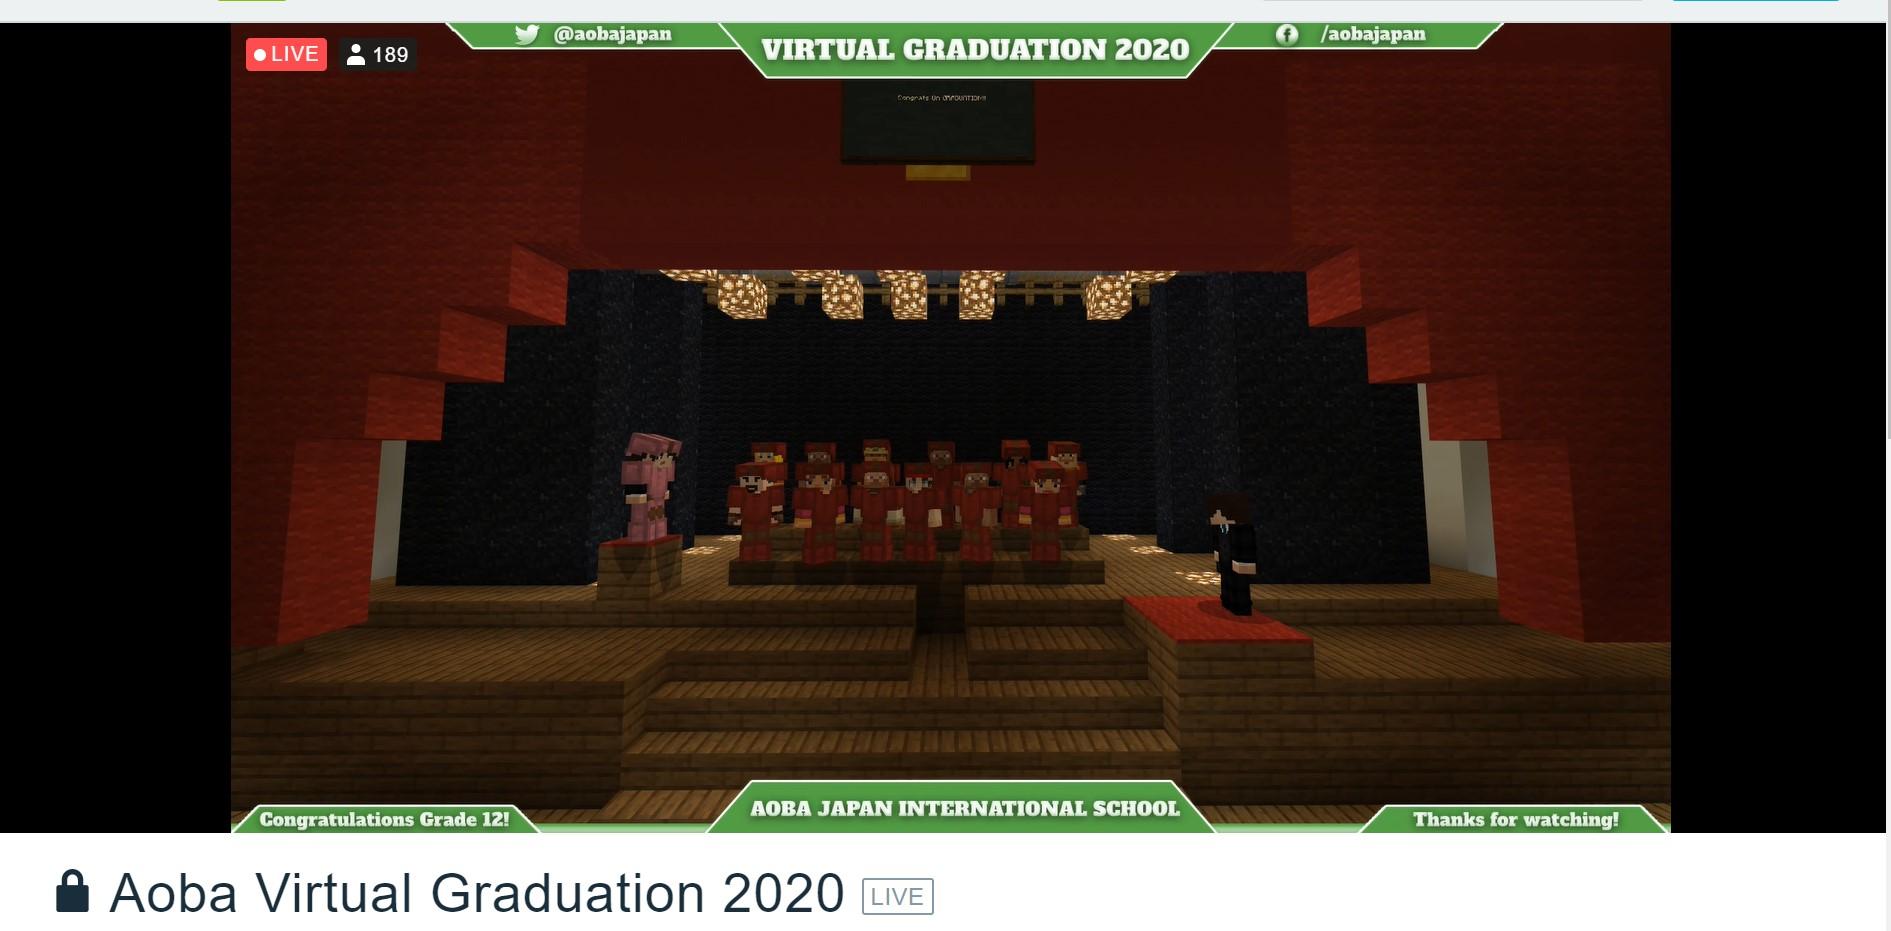 """アオバジャパン・インターナショナルスクール、 在校生が""""手作り""""した「バーチャル卒業式」を実施 画像"""